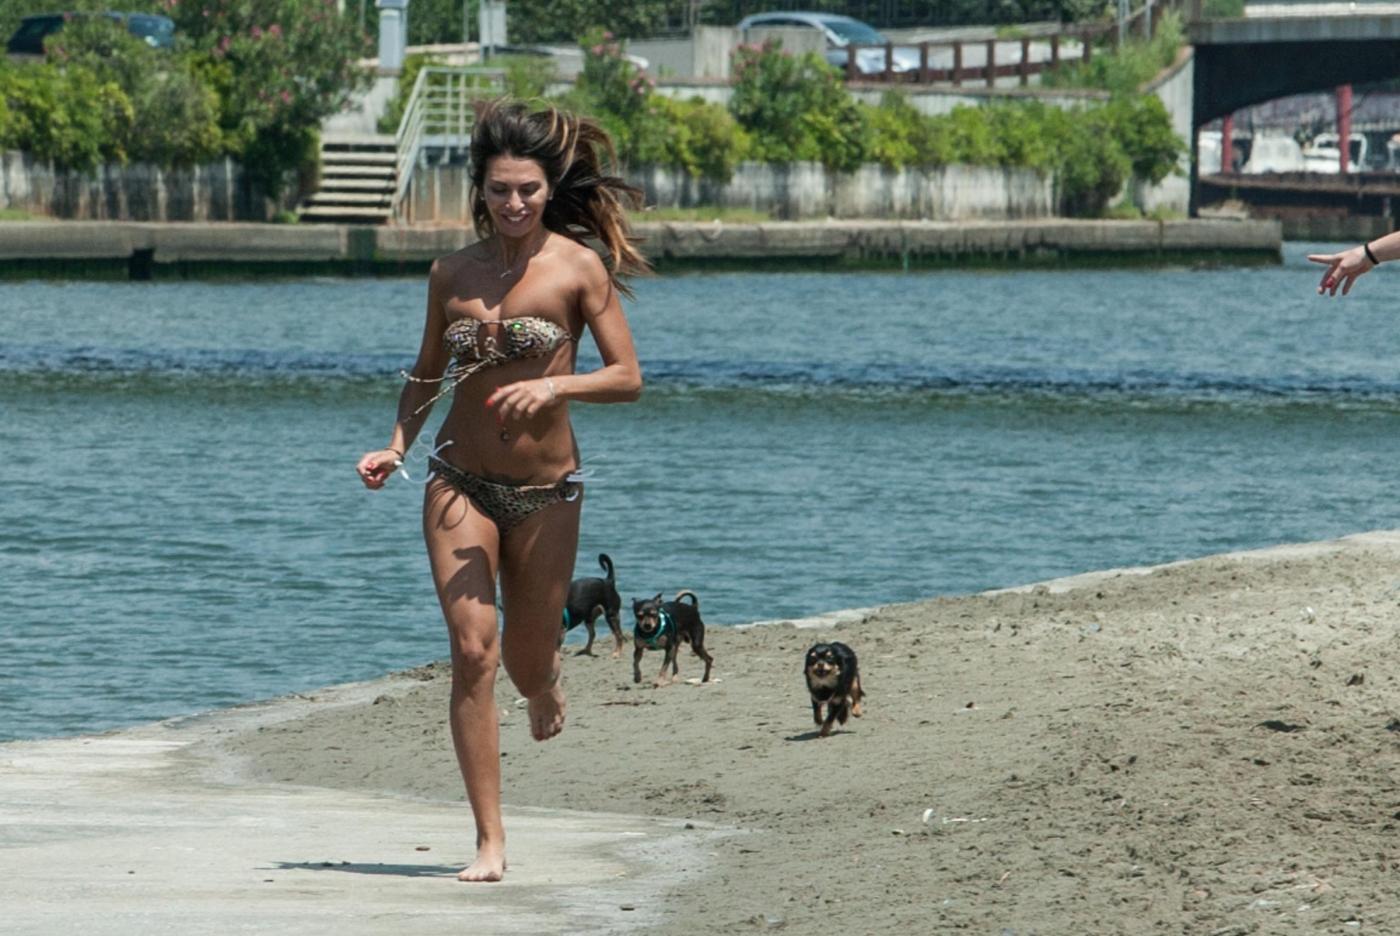 Rosy Dilettuso, reggiseno cede: incidente sexy al mare per l'ex Pupa08